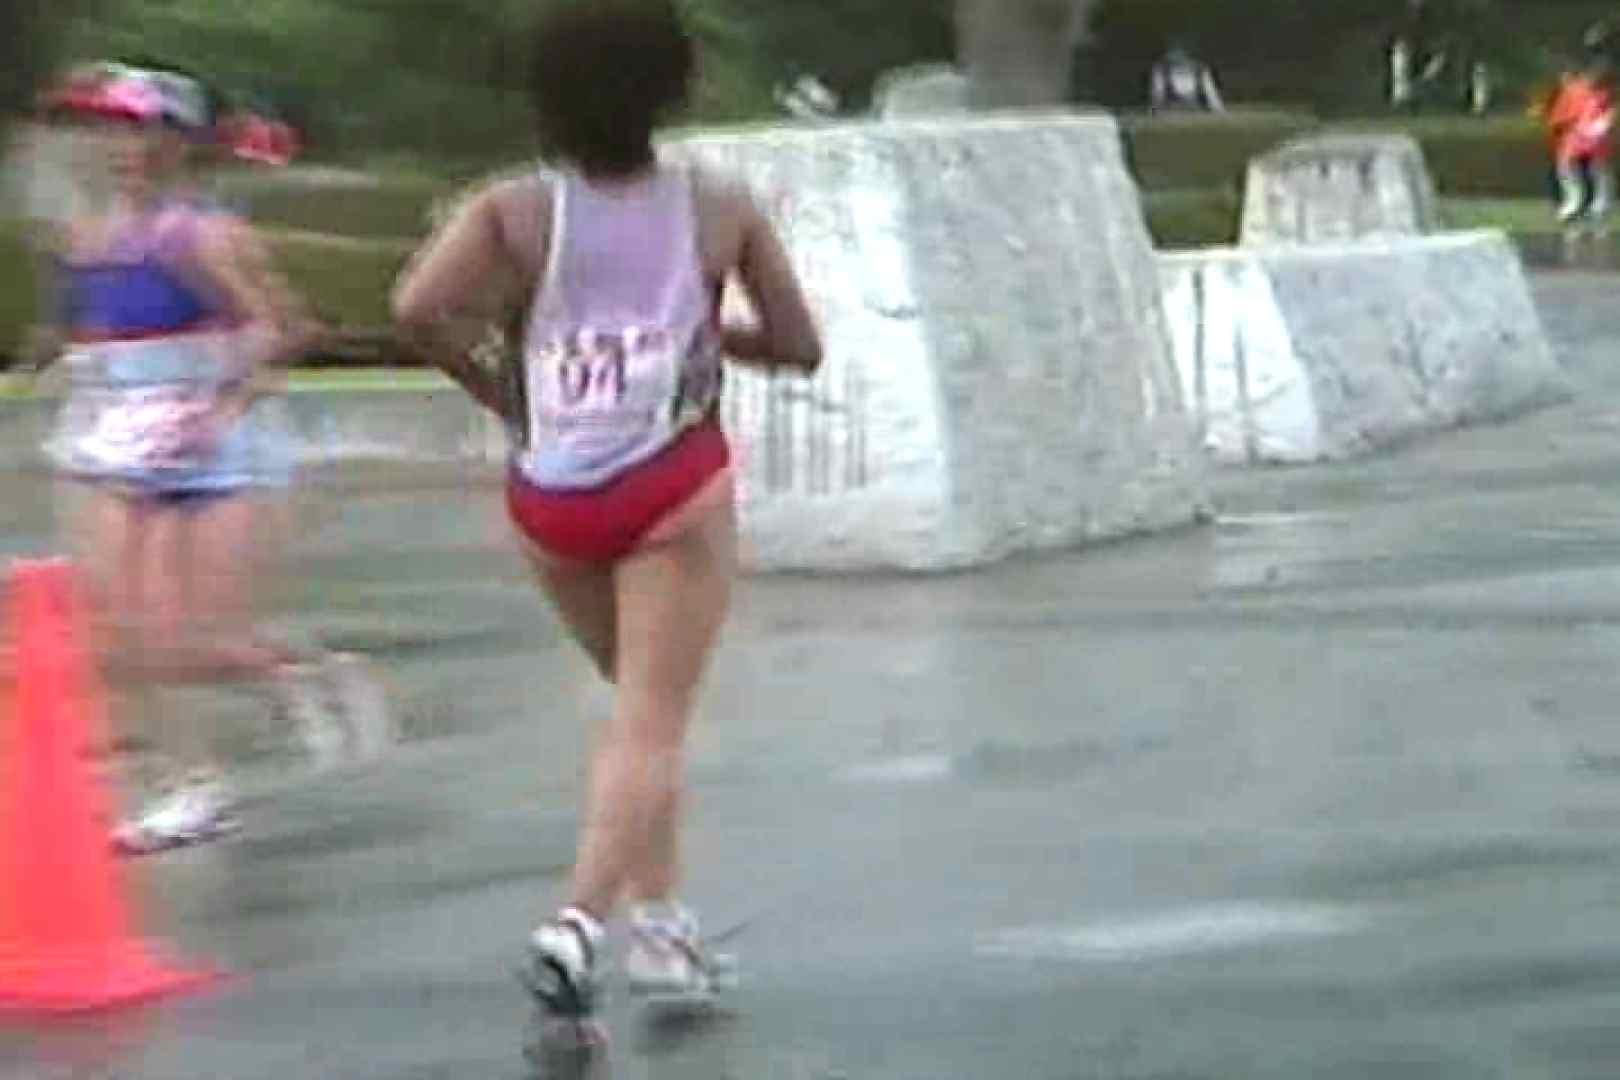 鉄人レース!!トライアスロンに挑む女性達!!Vol.4 OLヌード天国 ヌード画像 76PIX 11